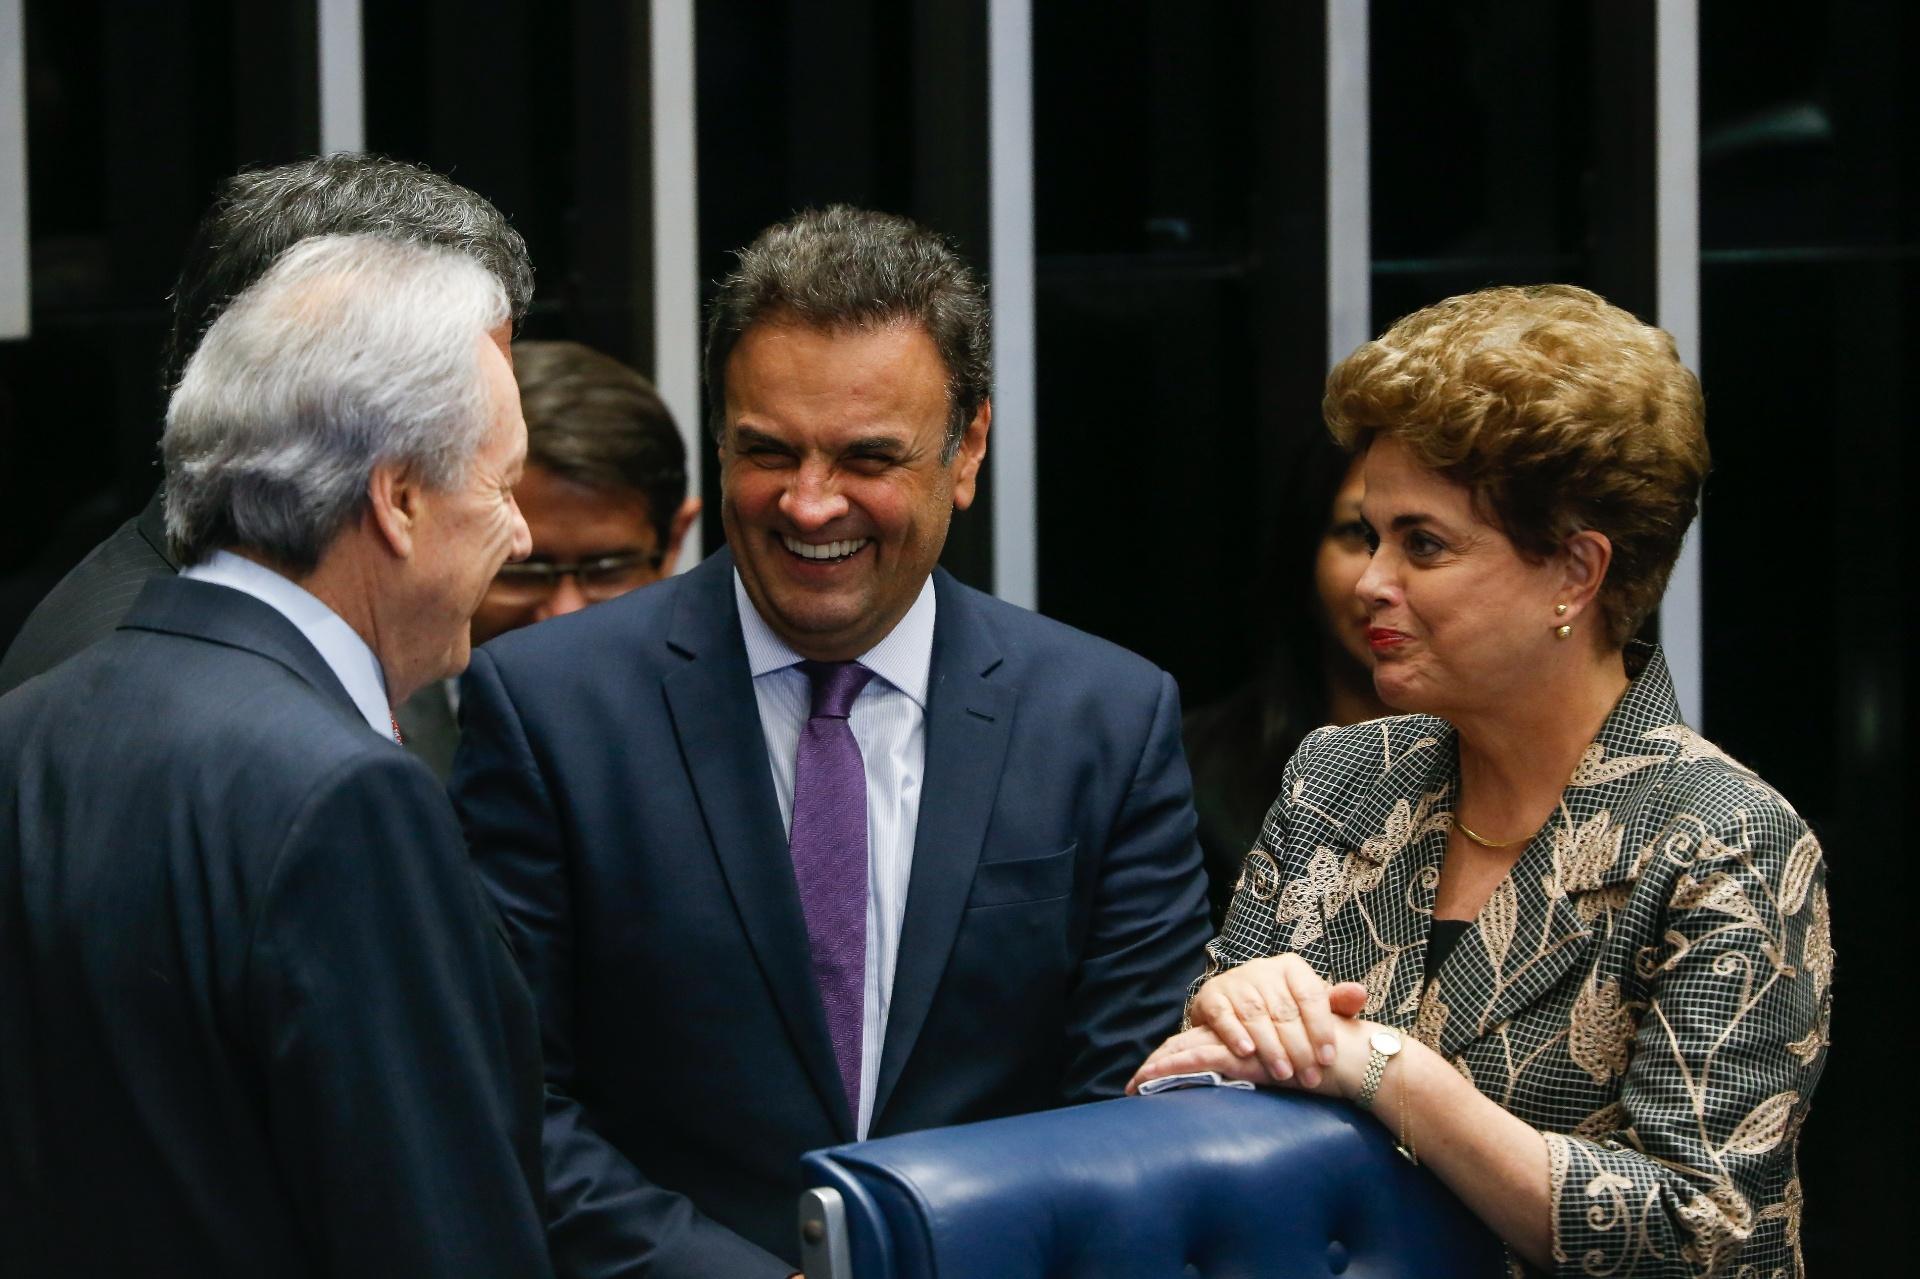 29.ago.2016 - A presidente afastada, Dilma Rousseff, conversa com o presidente do PSDB, o senador Aécio Neves (PSDB-MG), e com o presidente do STF (Supremo Tribunal Federal), Ricardo Lewandowski, durante julgamento final do processo de impeachment de seu governo, no plenário do Senado